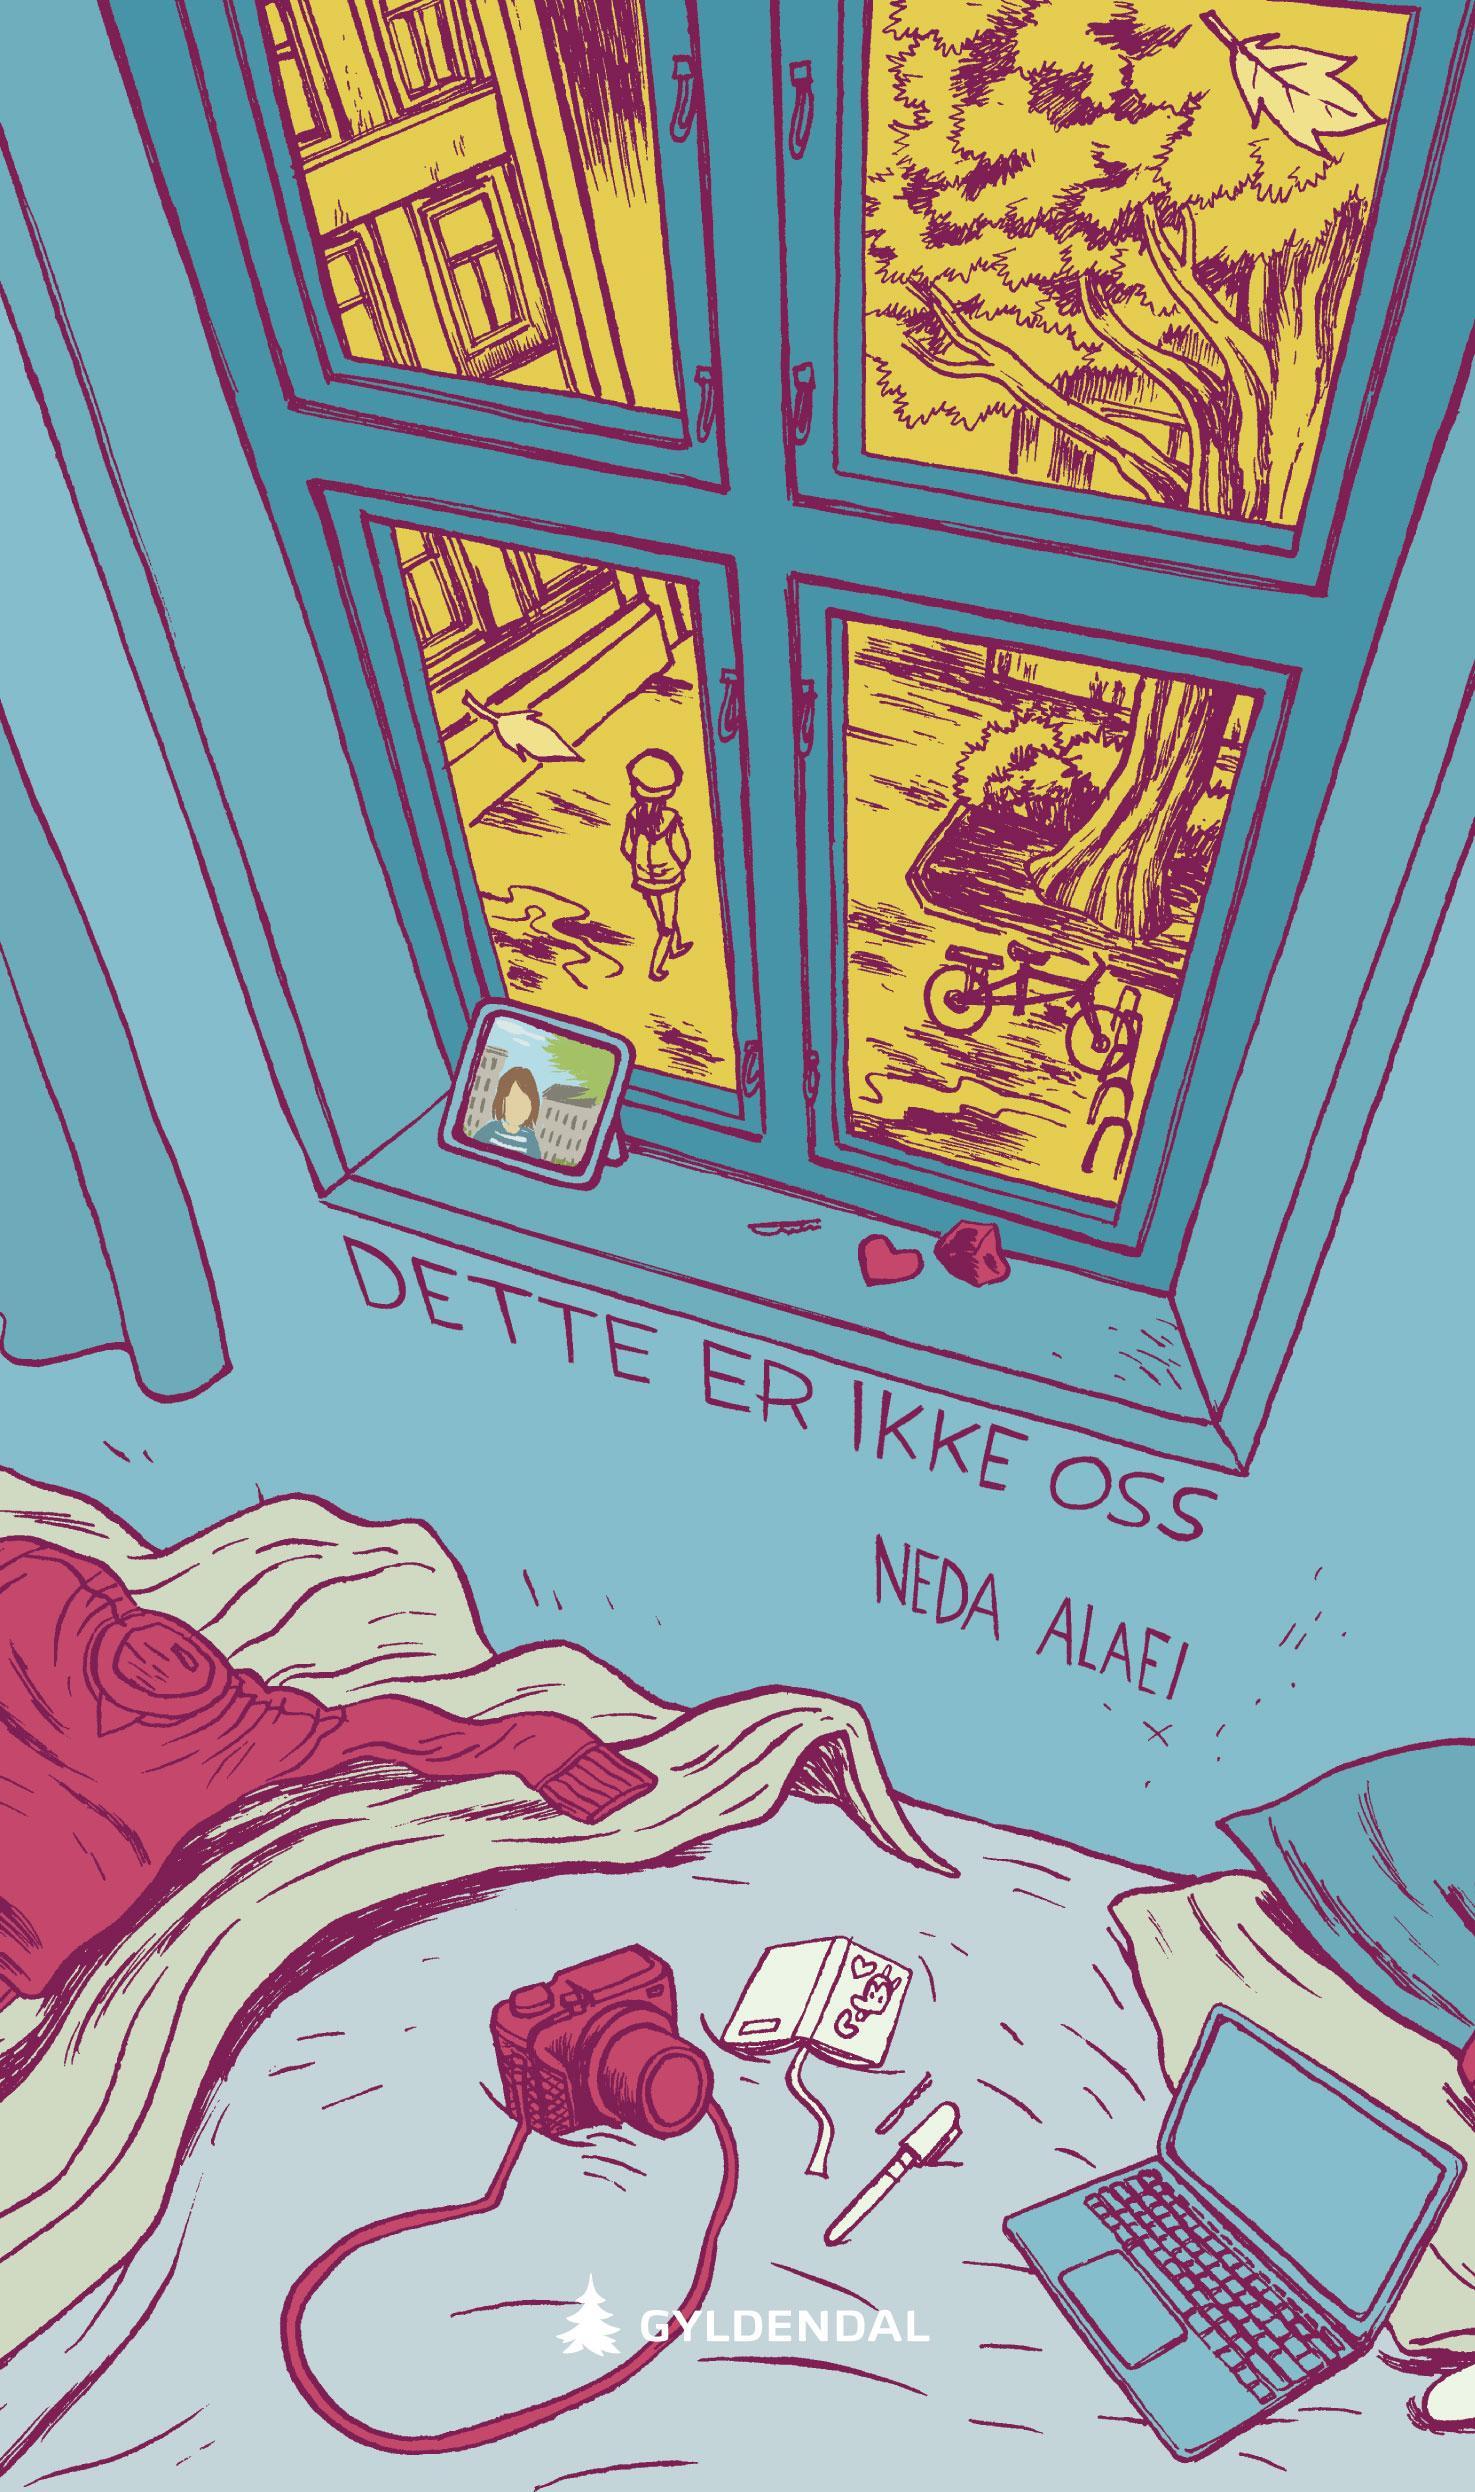 """""""Dette er ikke oss - roman"""" av Neda Alaei"""